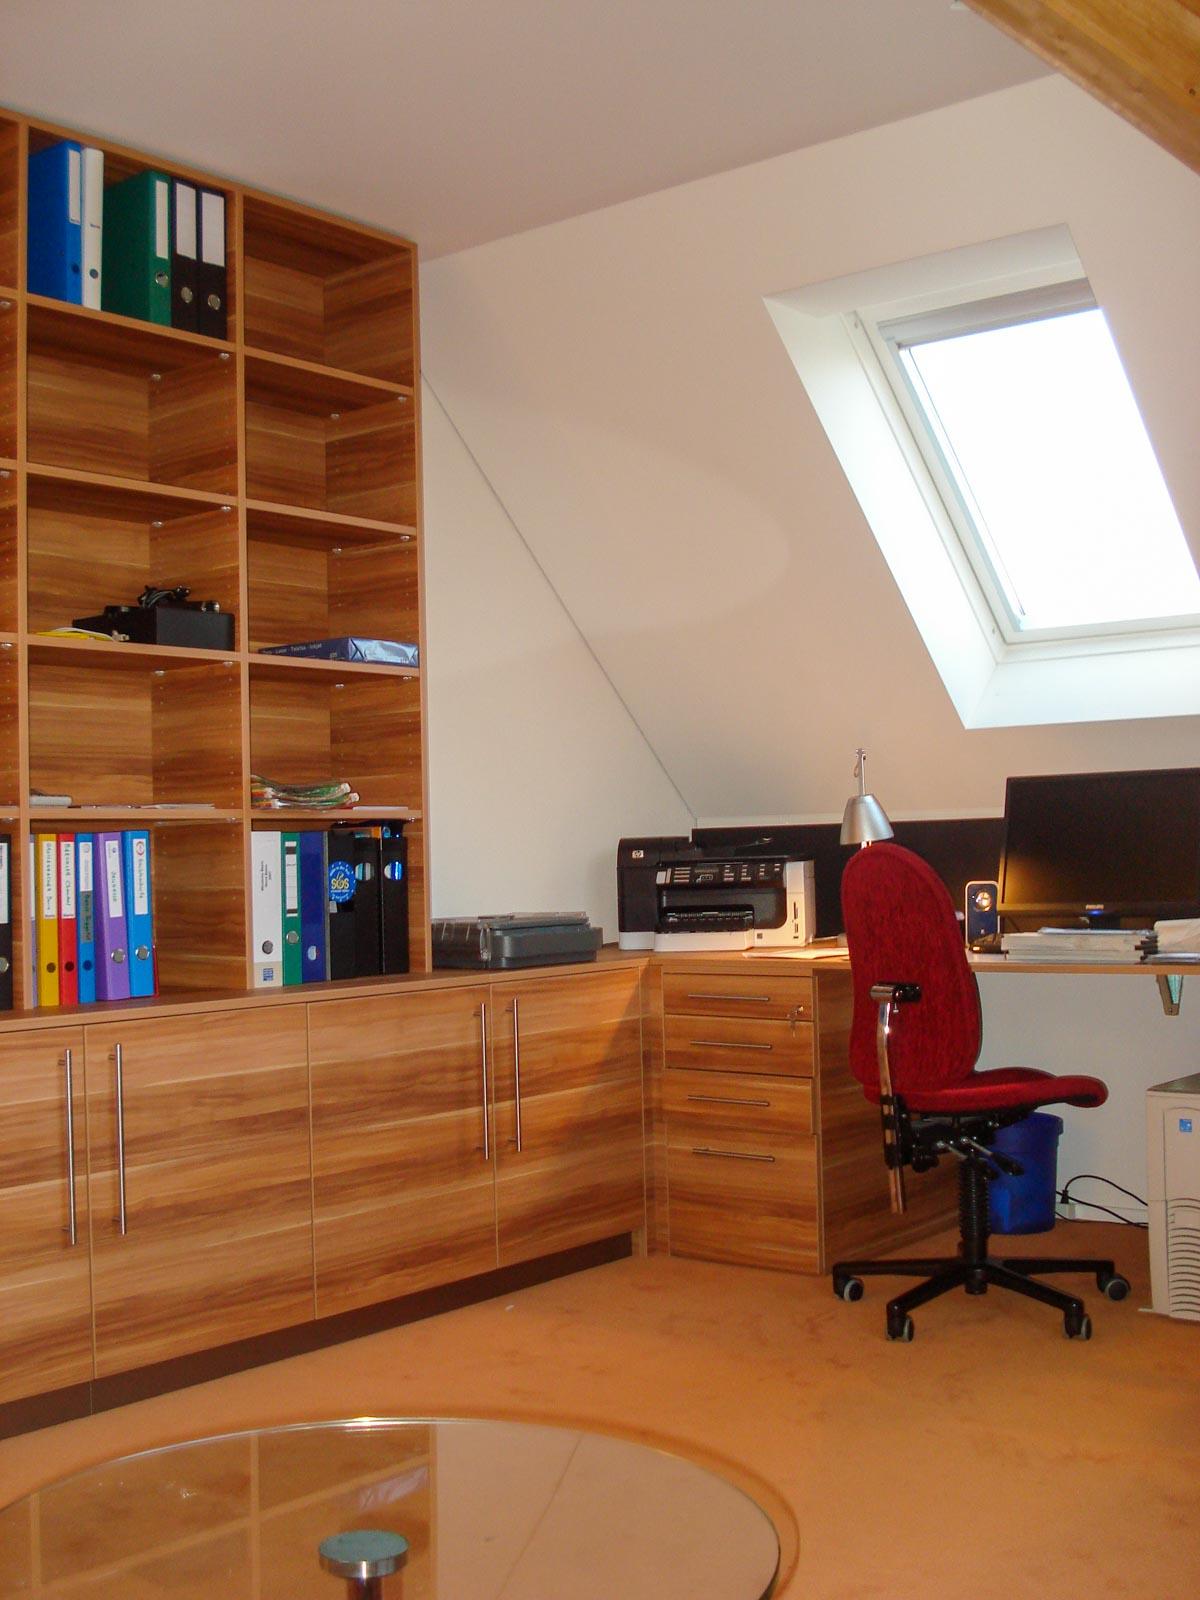 Wooddesign_Büro_Homeoffice_Schreibtisch_Pinwand_Magnetwand_Schubladen_Wandschrank_Regal_Holz_versenkbare Steckdose(2)